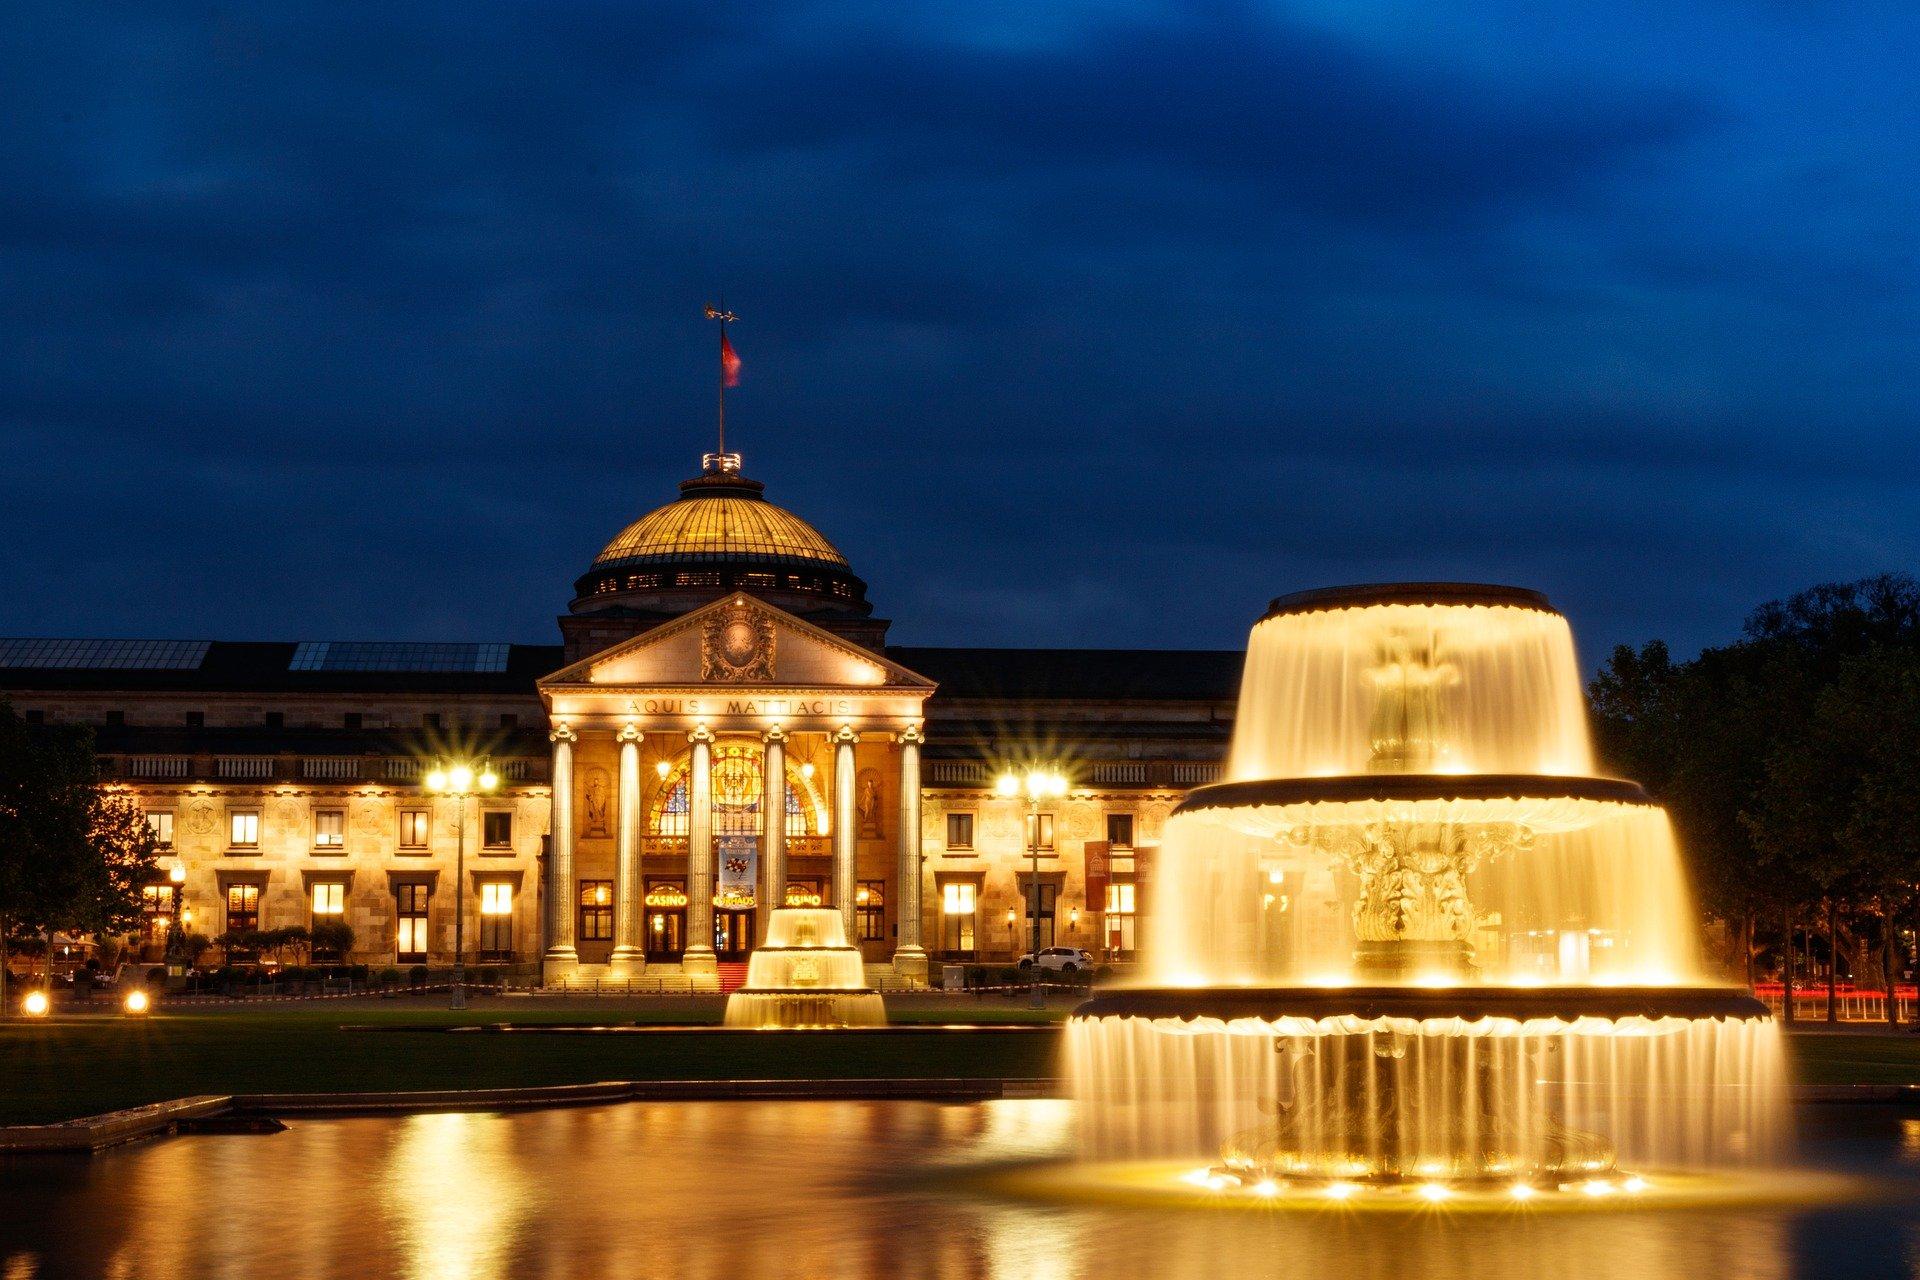 Bild vom Kurpark in Wiesbaden